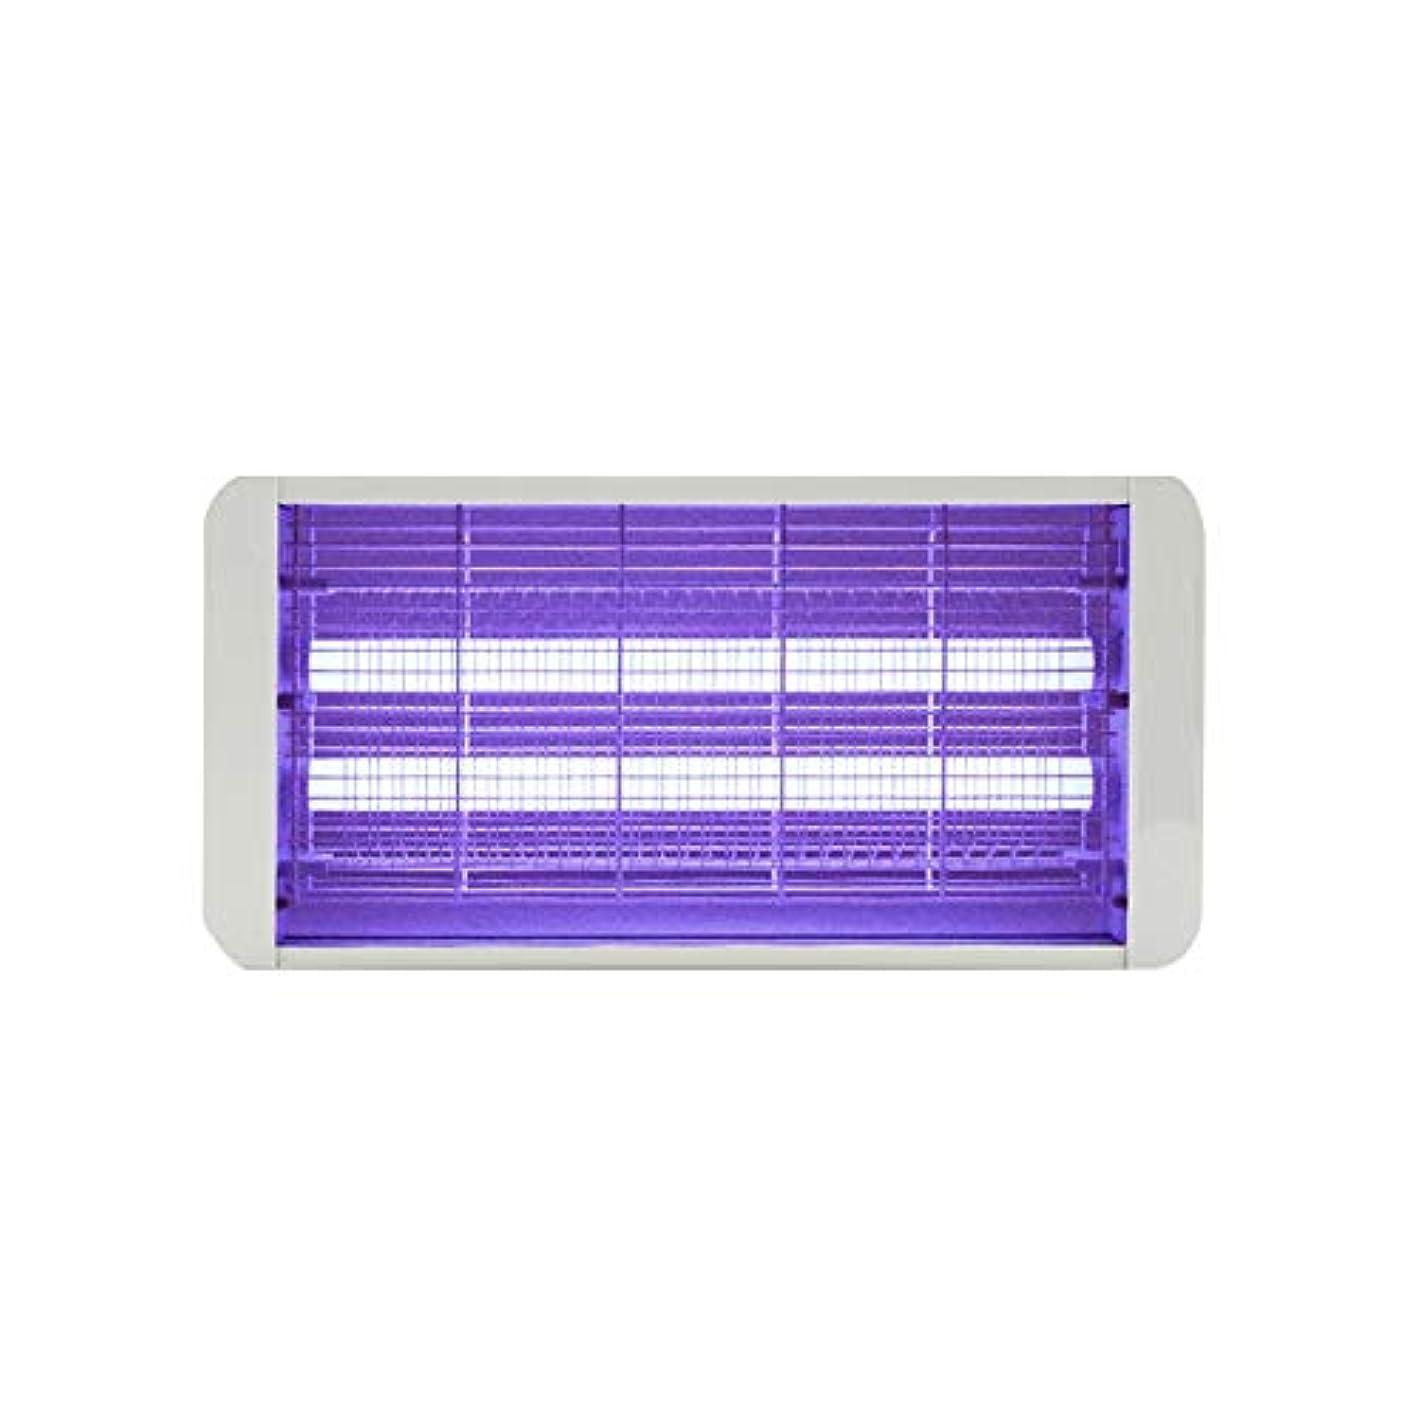 ボルトけん引雨のZEMIN 電撃殺虫灯 蚊ランプ 昆虫のキラー 誘虫灯 フライト ラップ 紫外線 世帯 忌避剤 キャッチハエ、 4サイズ (色 : 白, サイズ さいず : 500MM-6W)